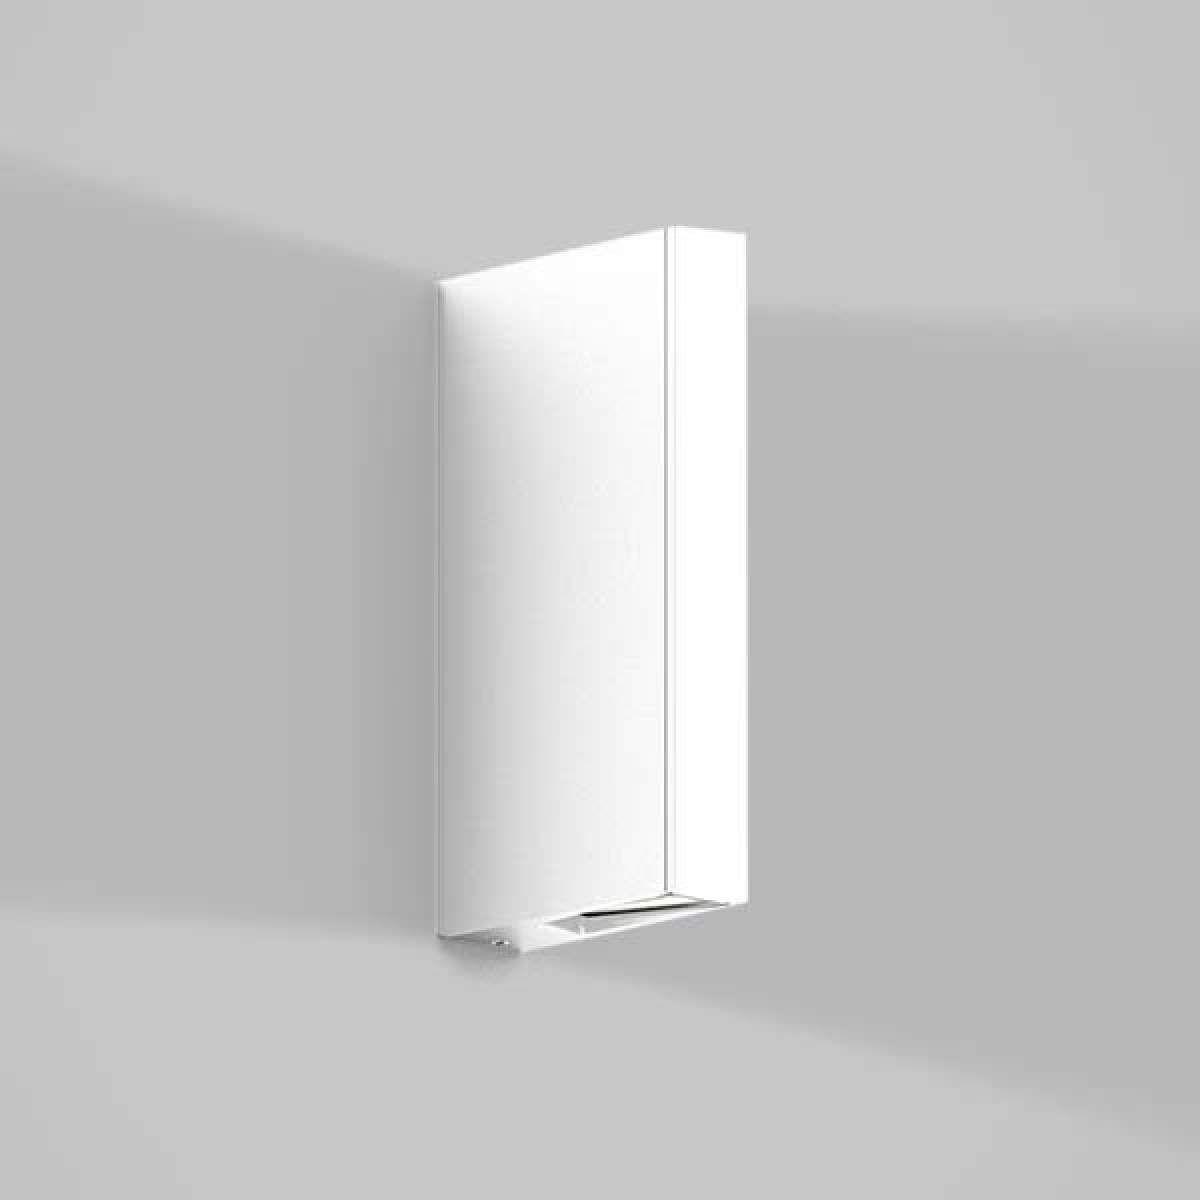 Abstand Beleuchtung Aussenlampen Kupfer Aussenbeleuchtung Ohne Strom Weihnachten Led Wandspot Aussen Wandleuchte Aussenwandleuchte Led Fassadenbeleuchtung